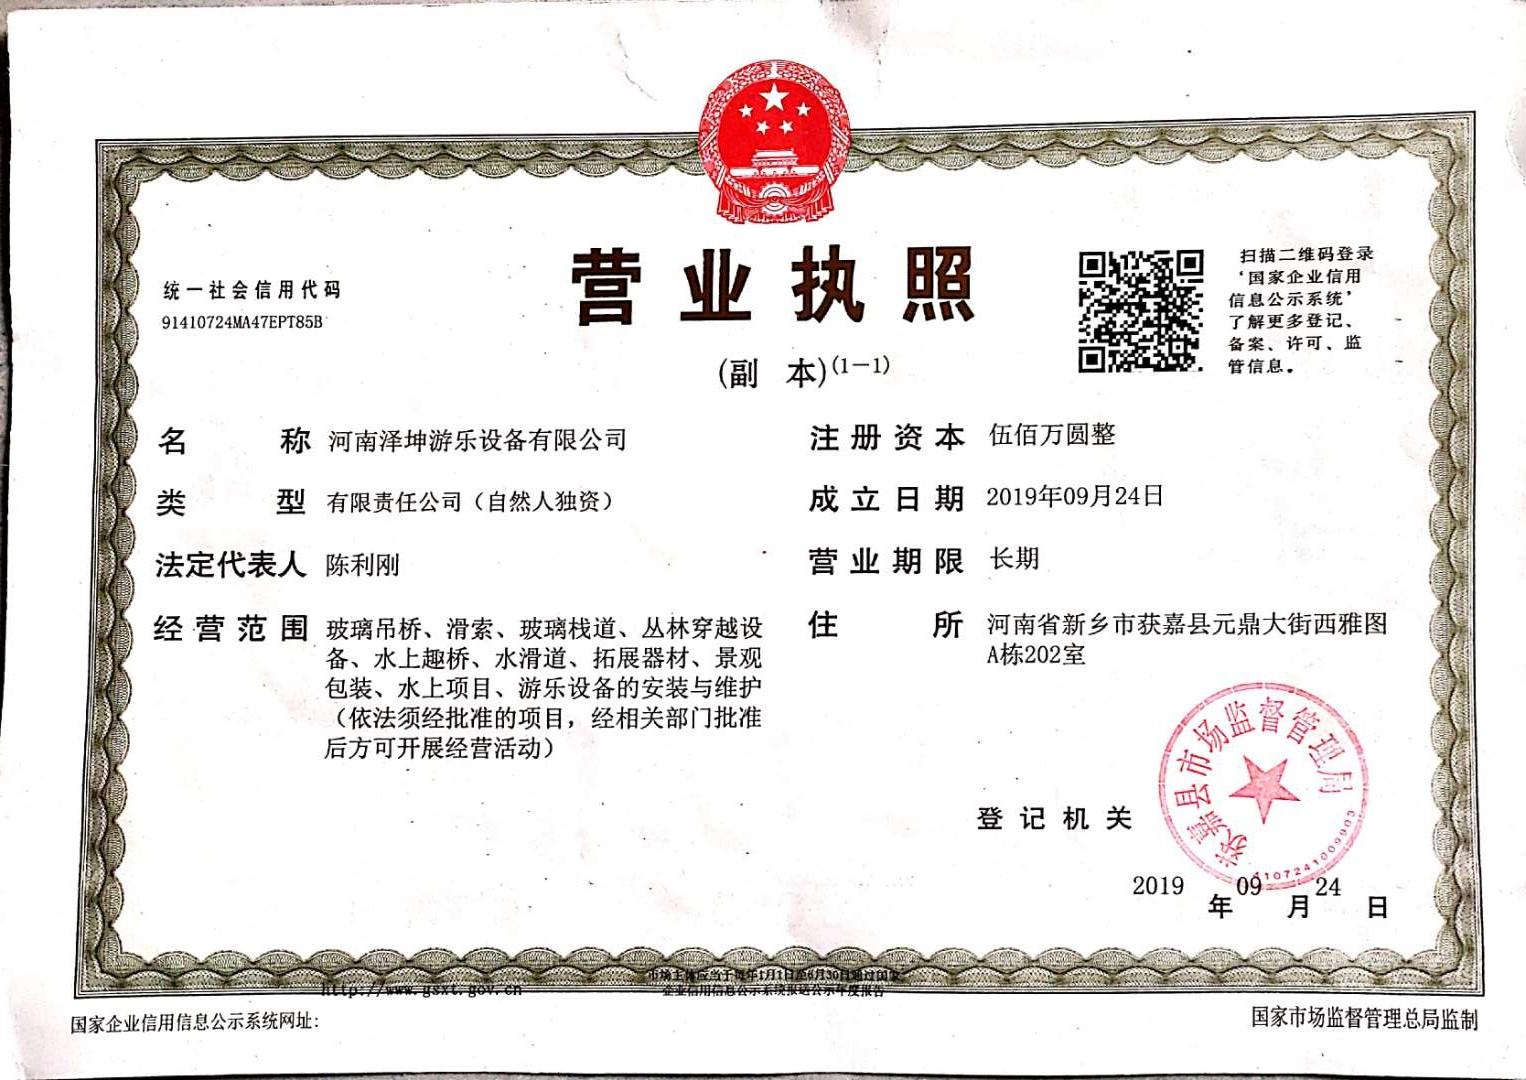 河南吊桥厂家营业执照